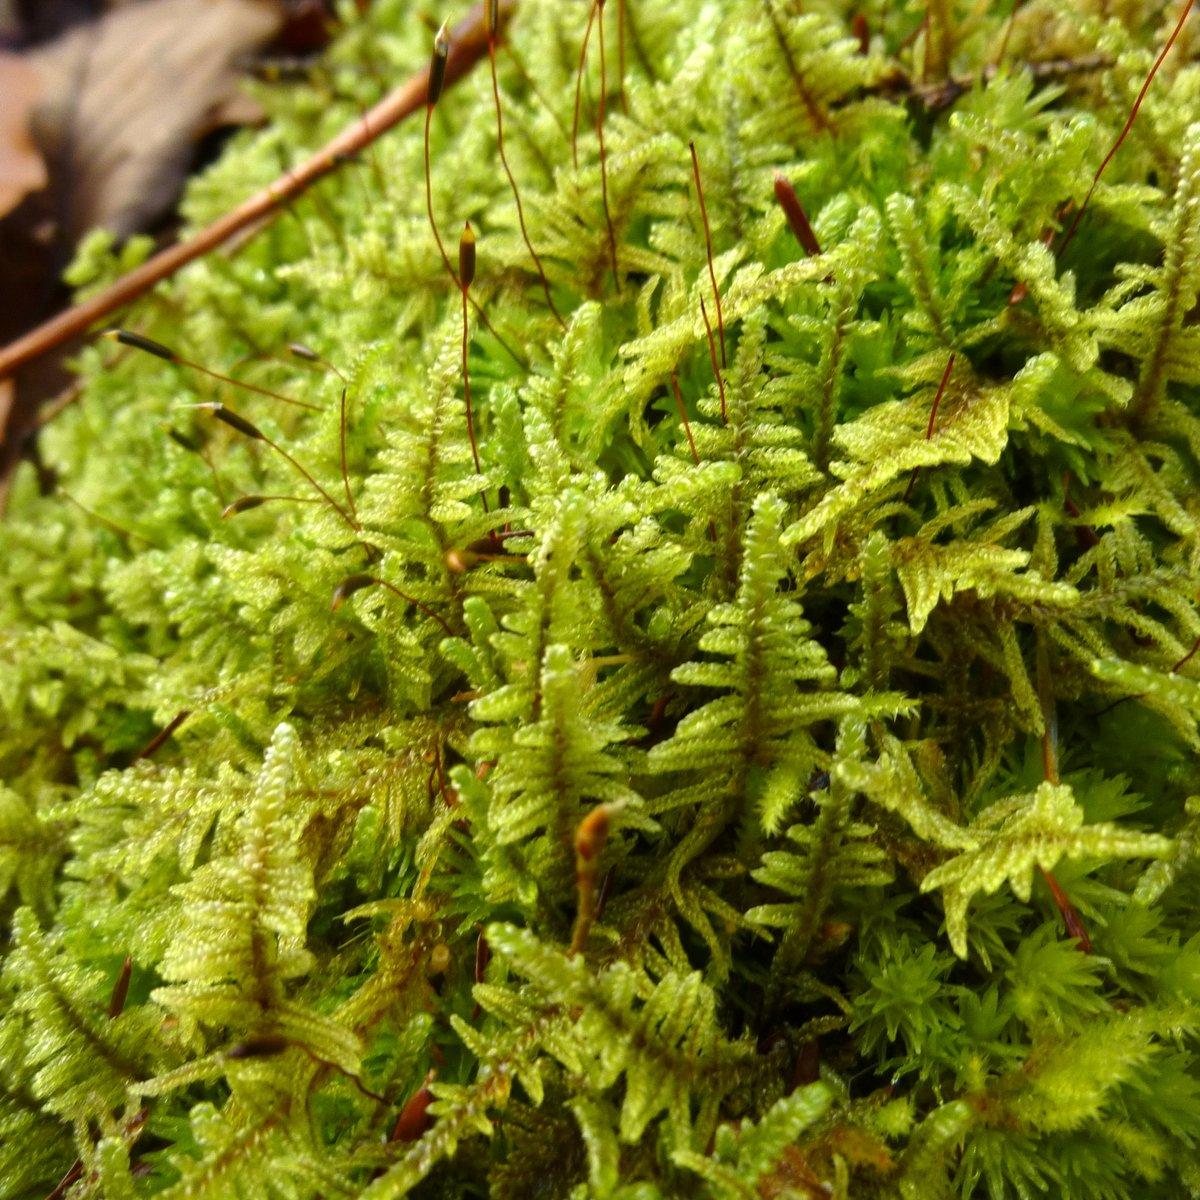 14. Brocade Moss aka Hypnum imponens